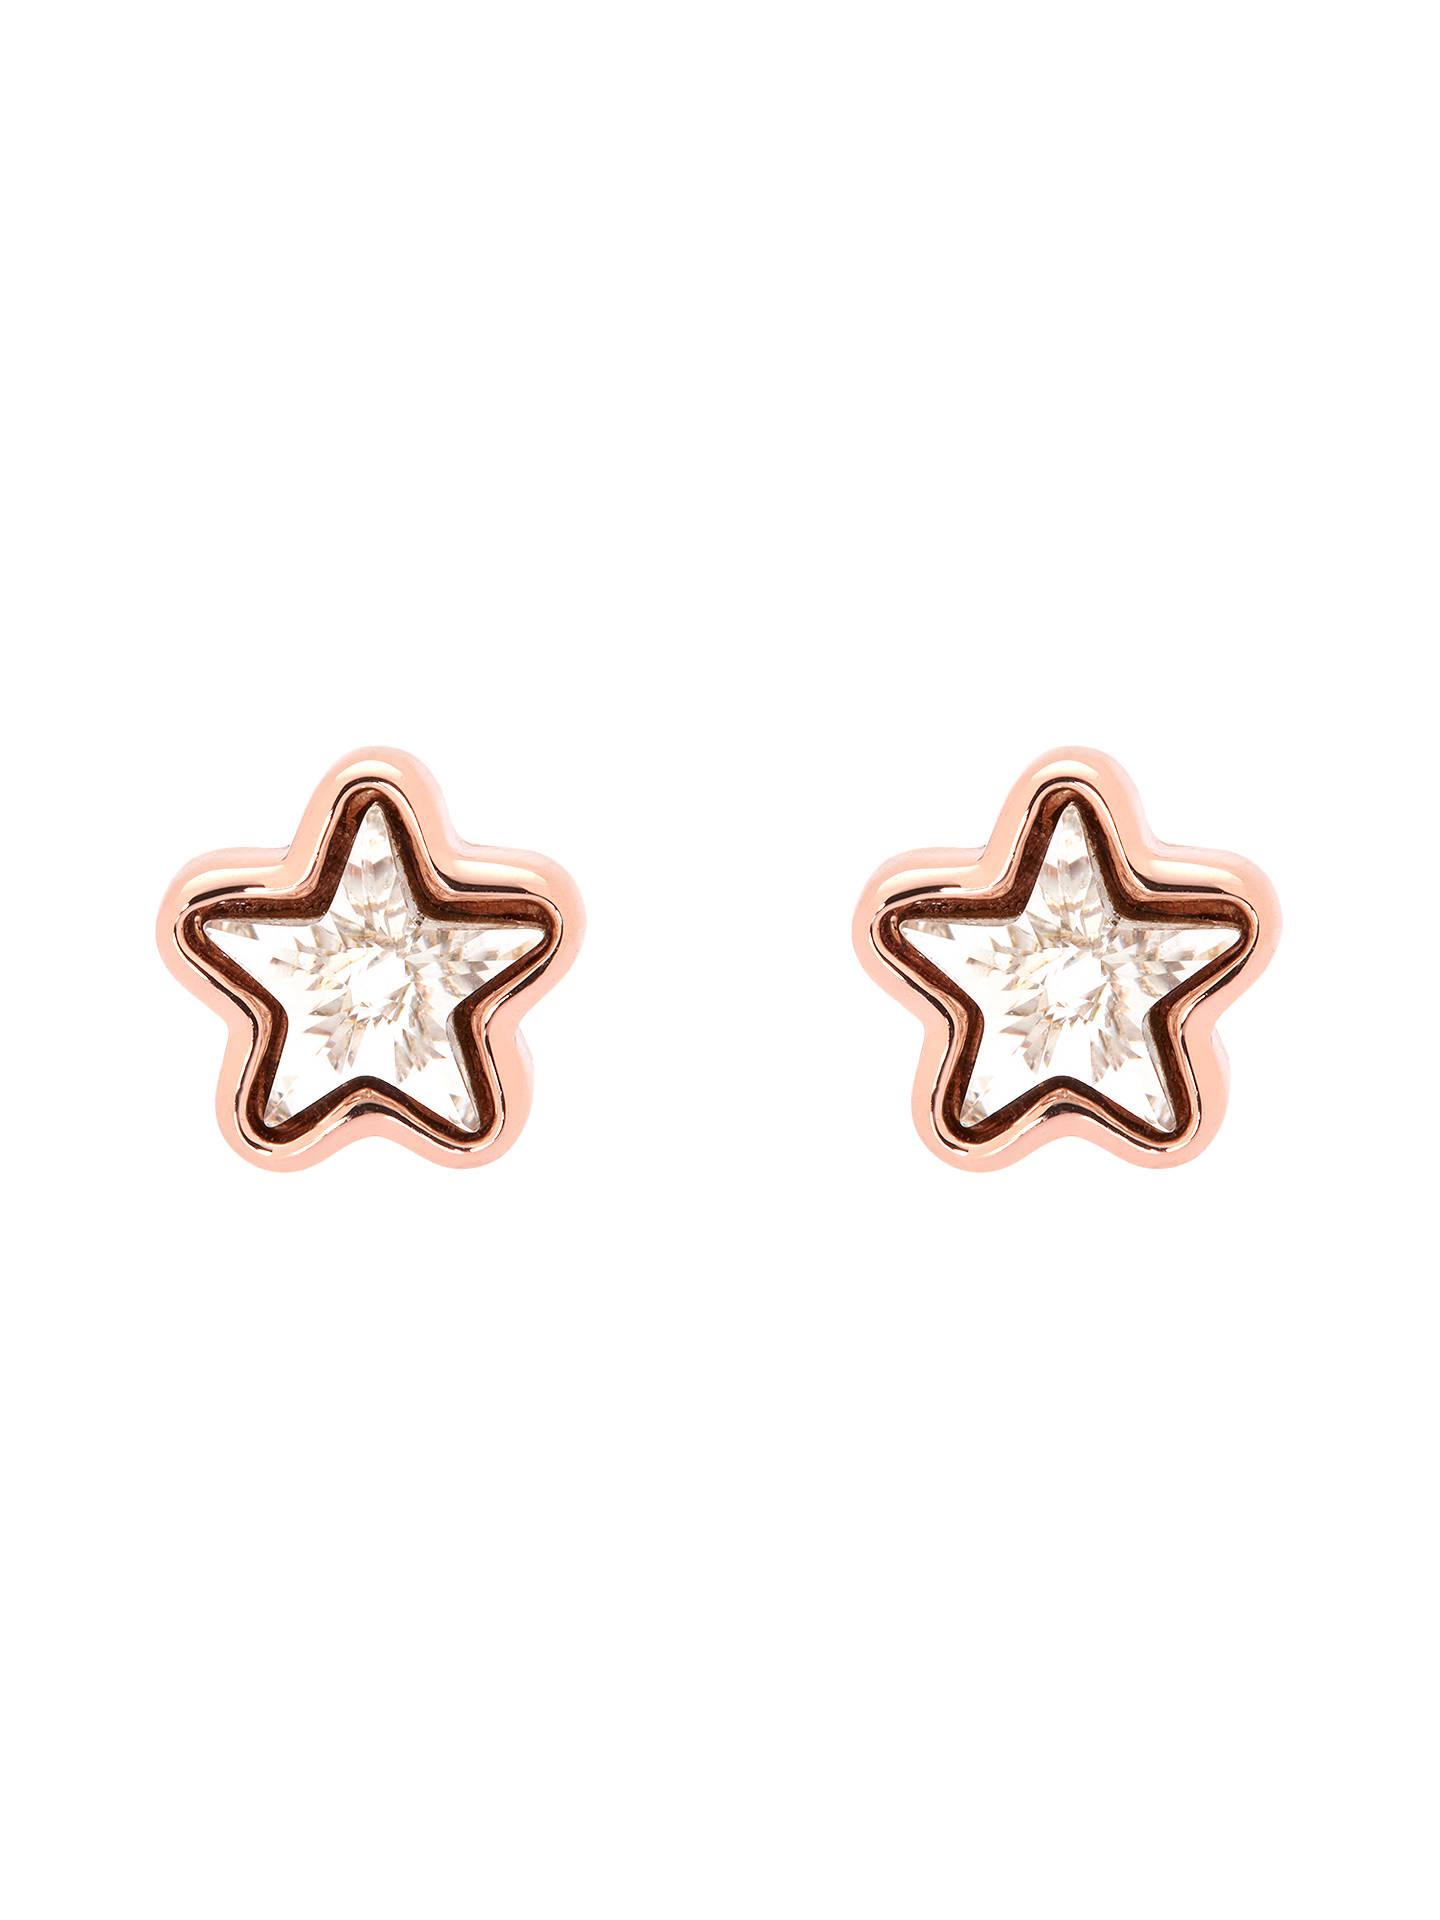 Ted Baker Cathlyn Swarovski Crystal Star Stud Earrings Rose Gold Online At Johnlewis